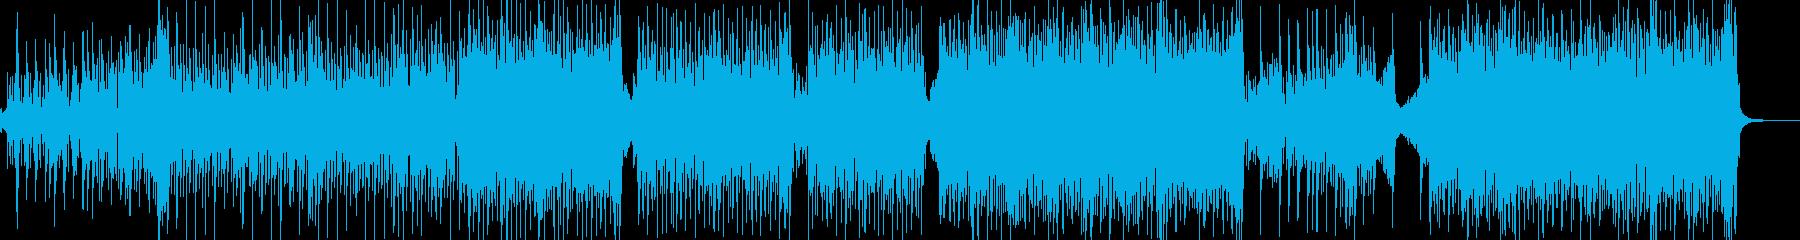 弱肉強食・原始時代イメージのテクノ Bの再生済みの波形